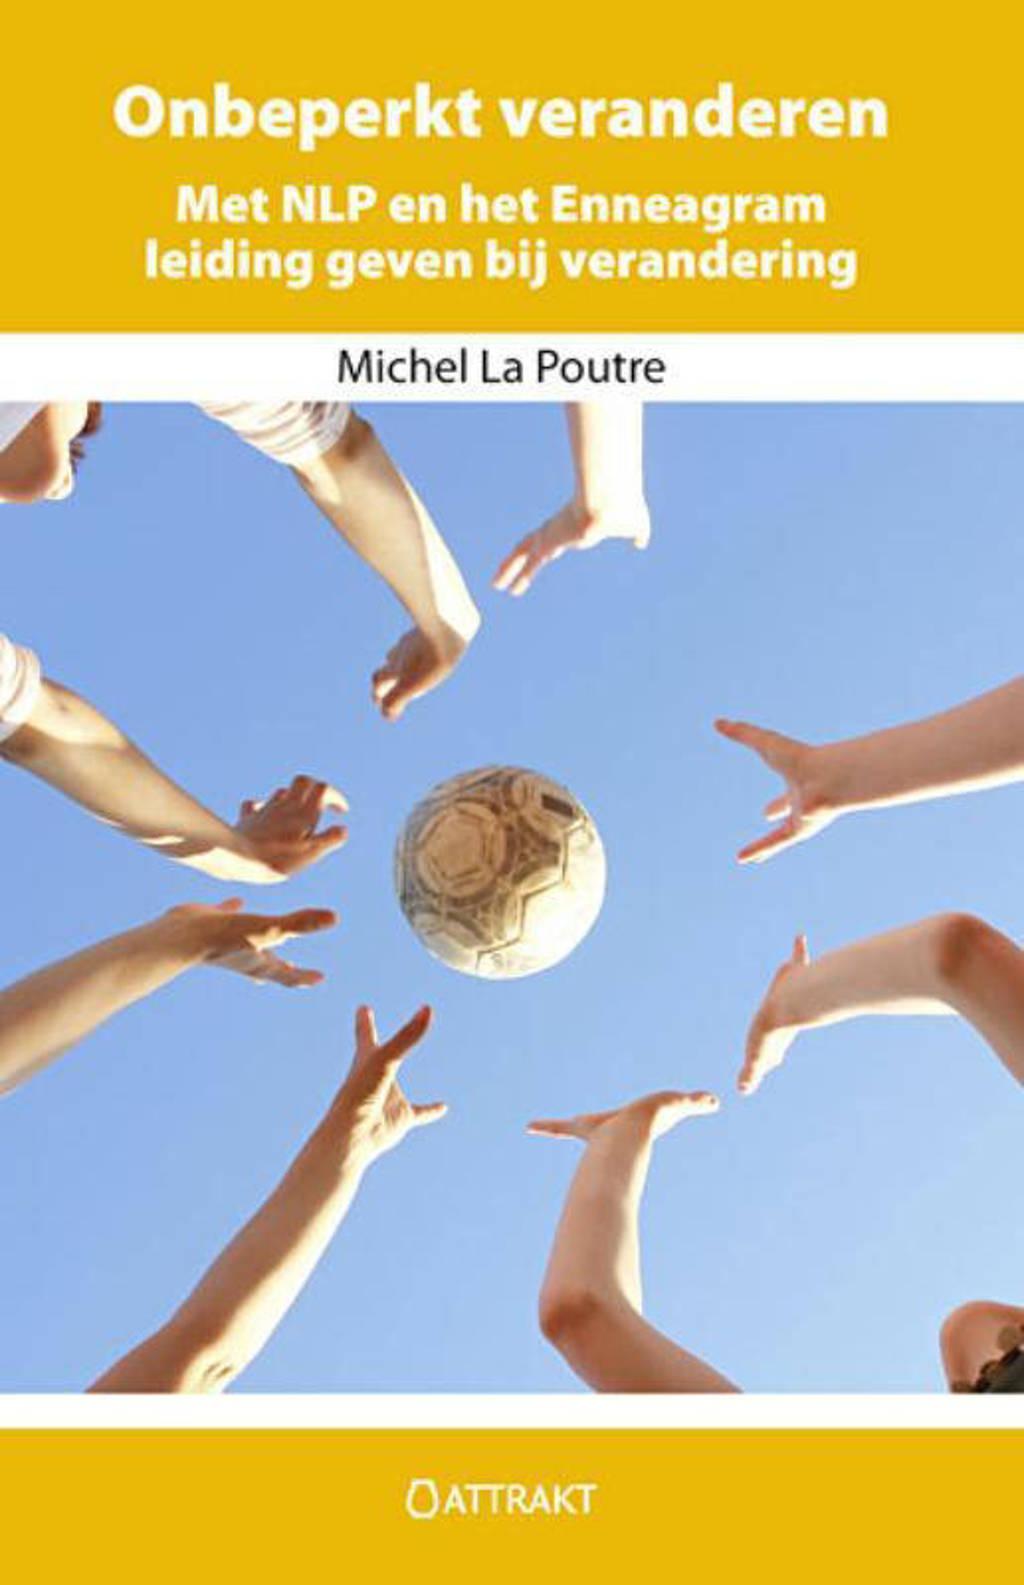 Onbeperkt veranderen - Michel La Poutre en Michel La Poutre